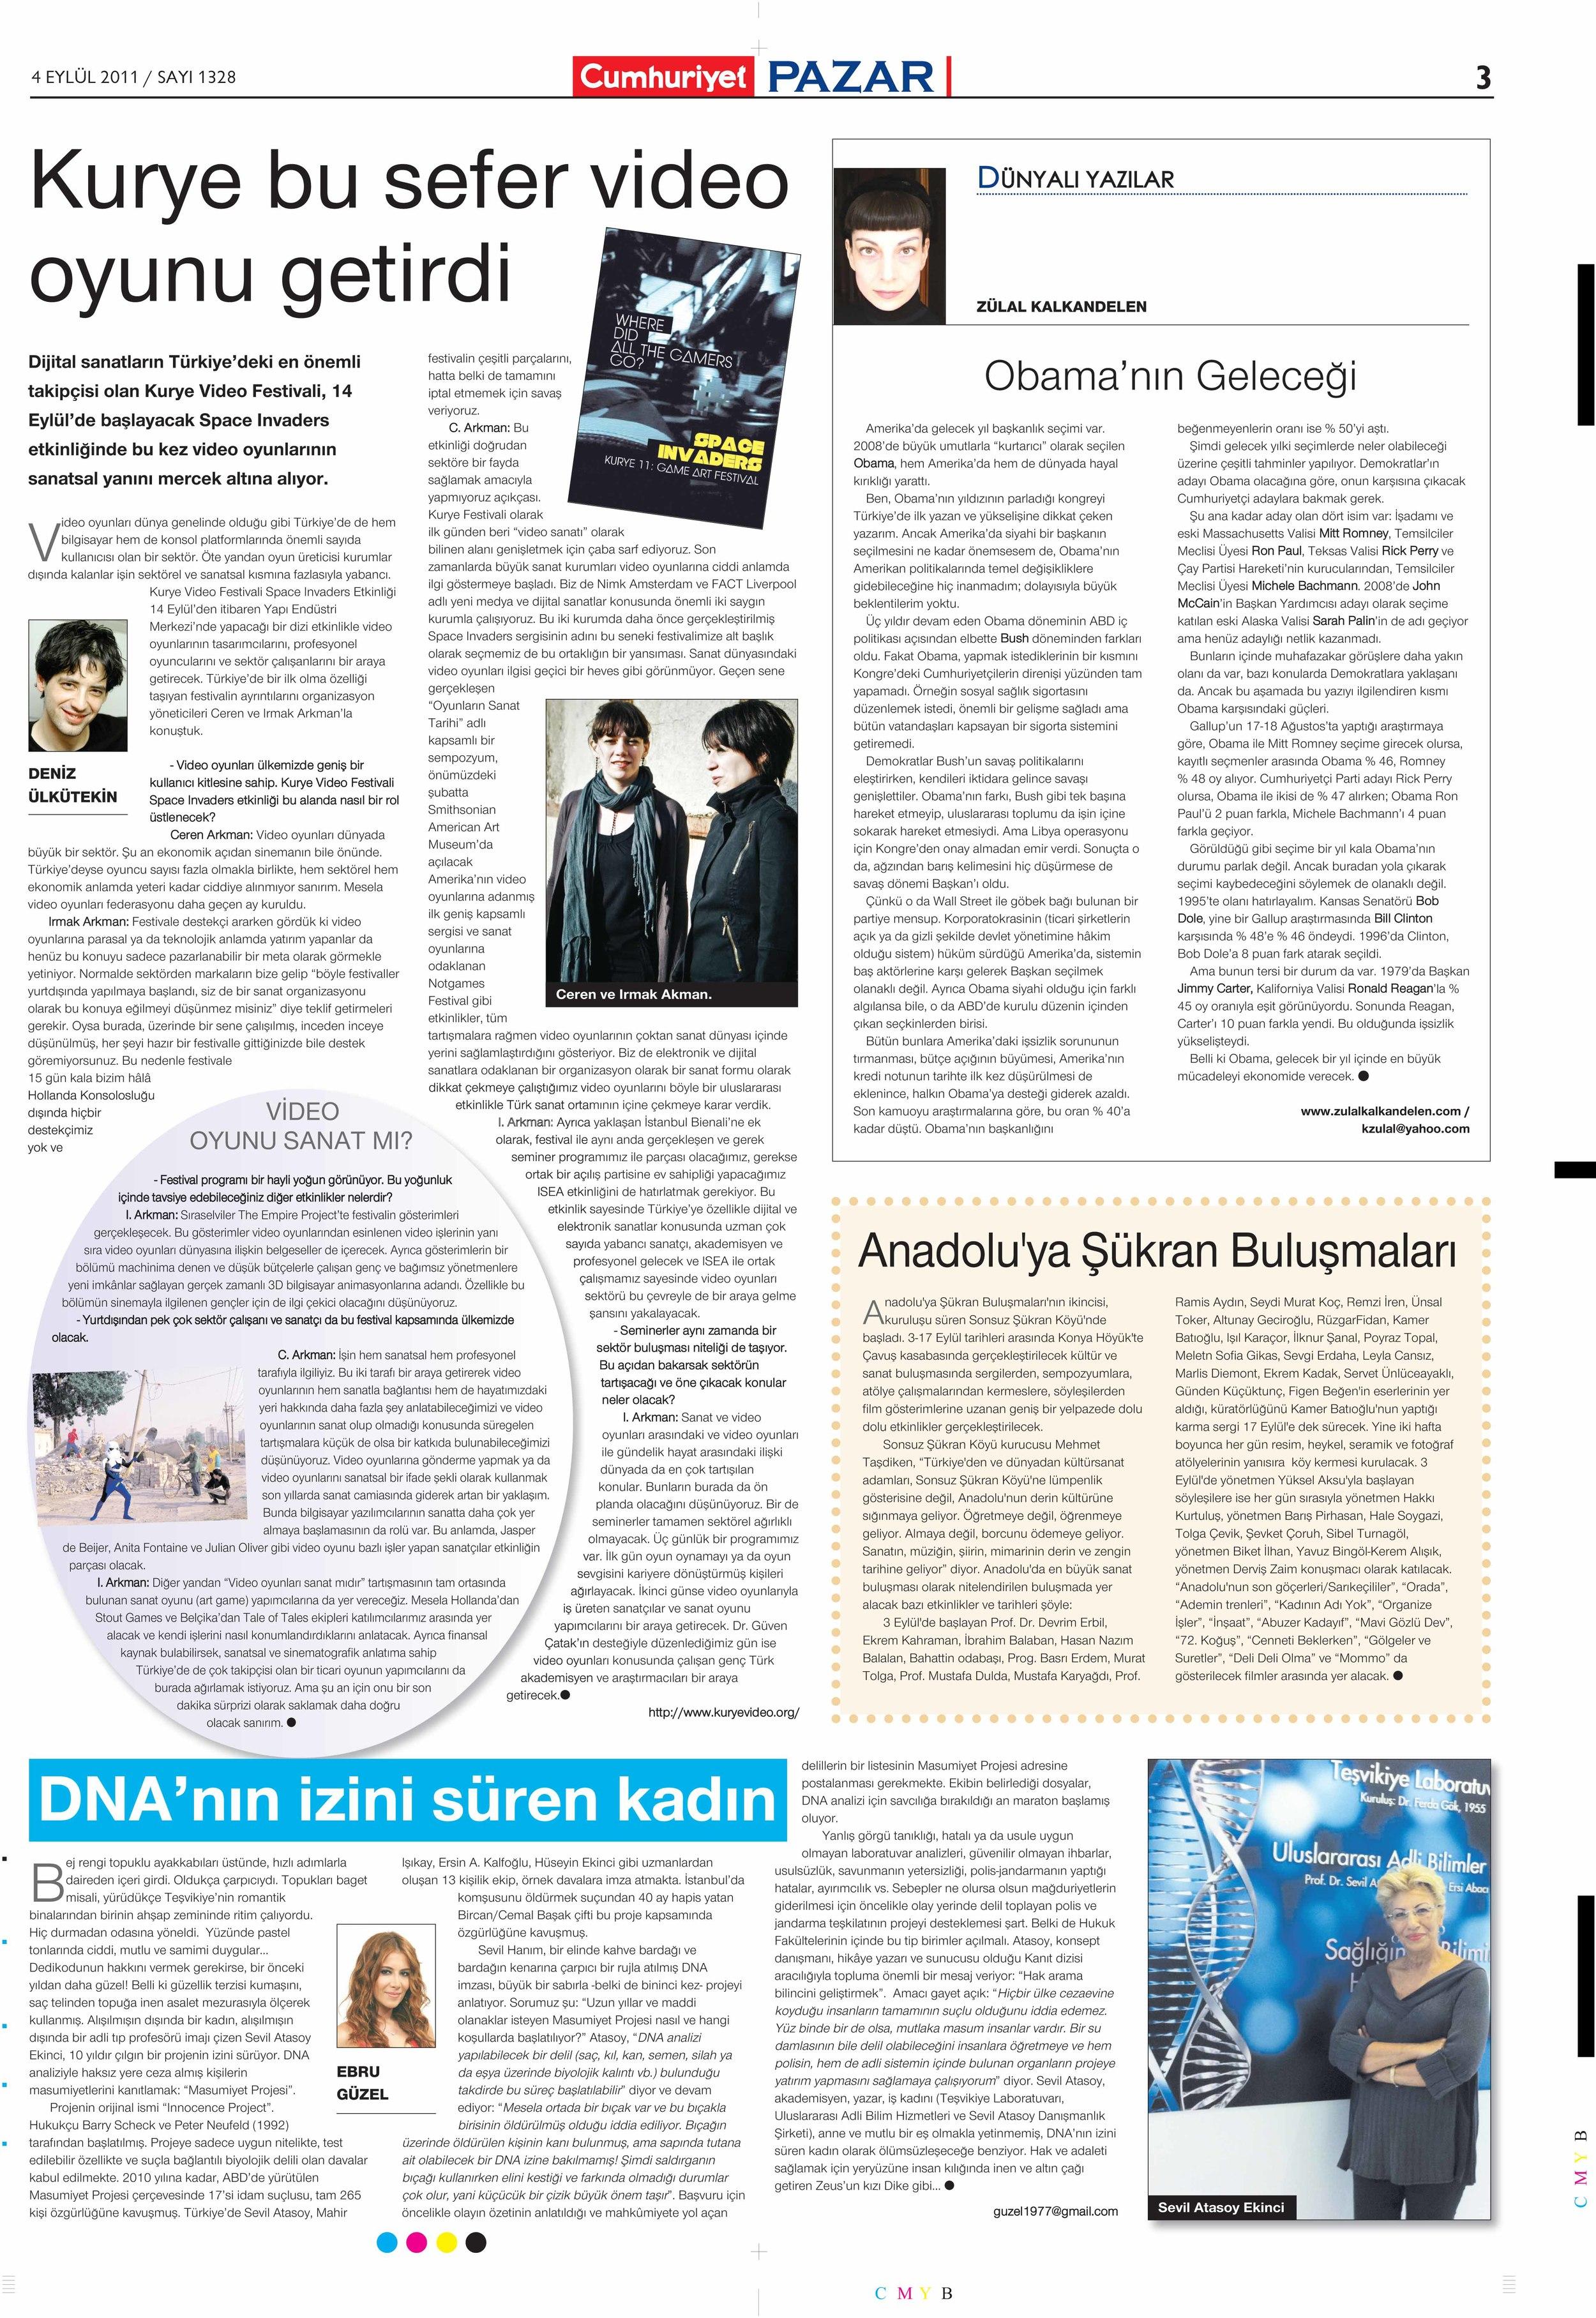 Cumhuriyet 04.09.11 haber.jpeg